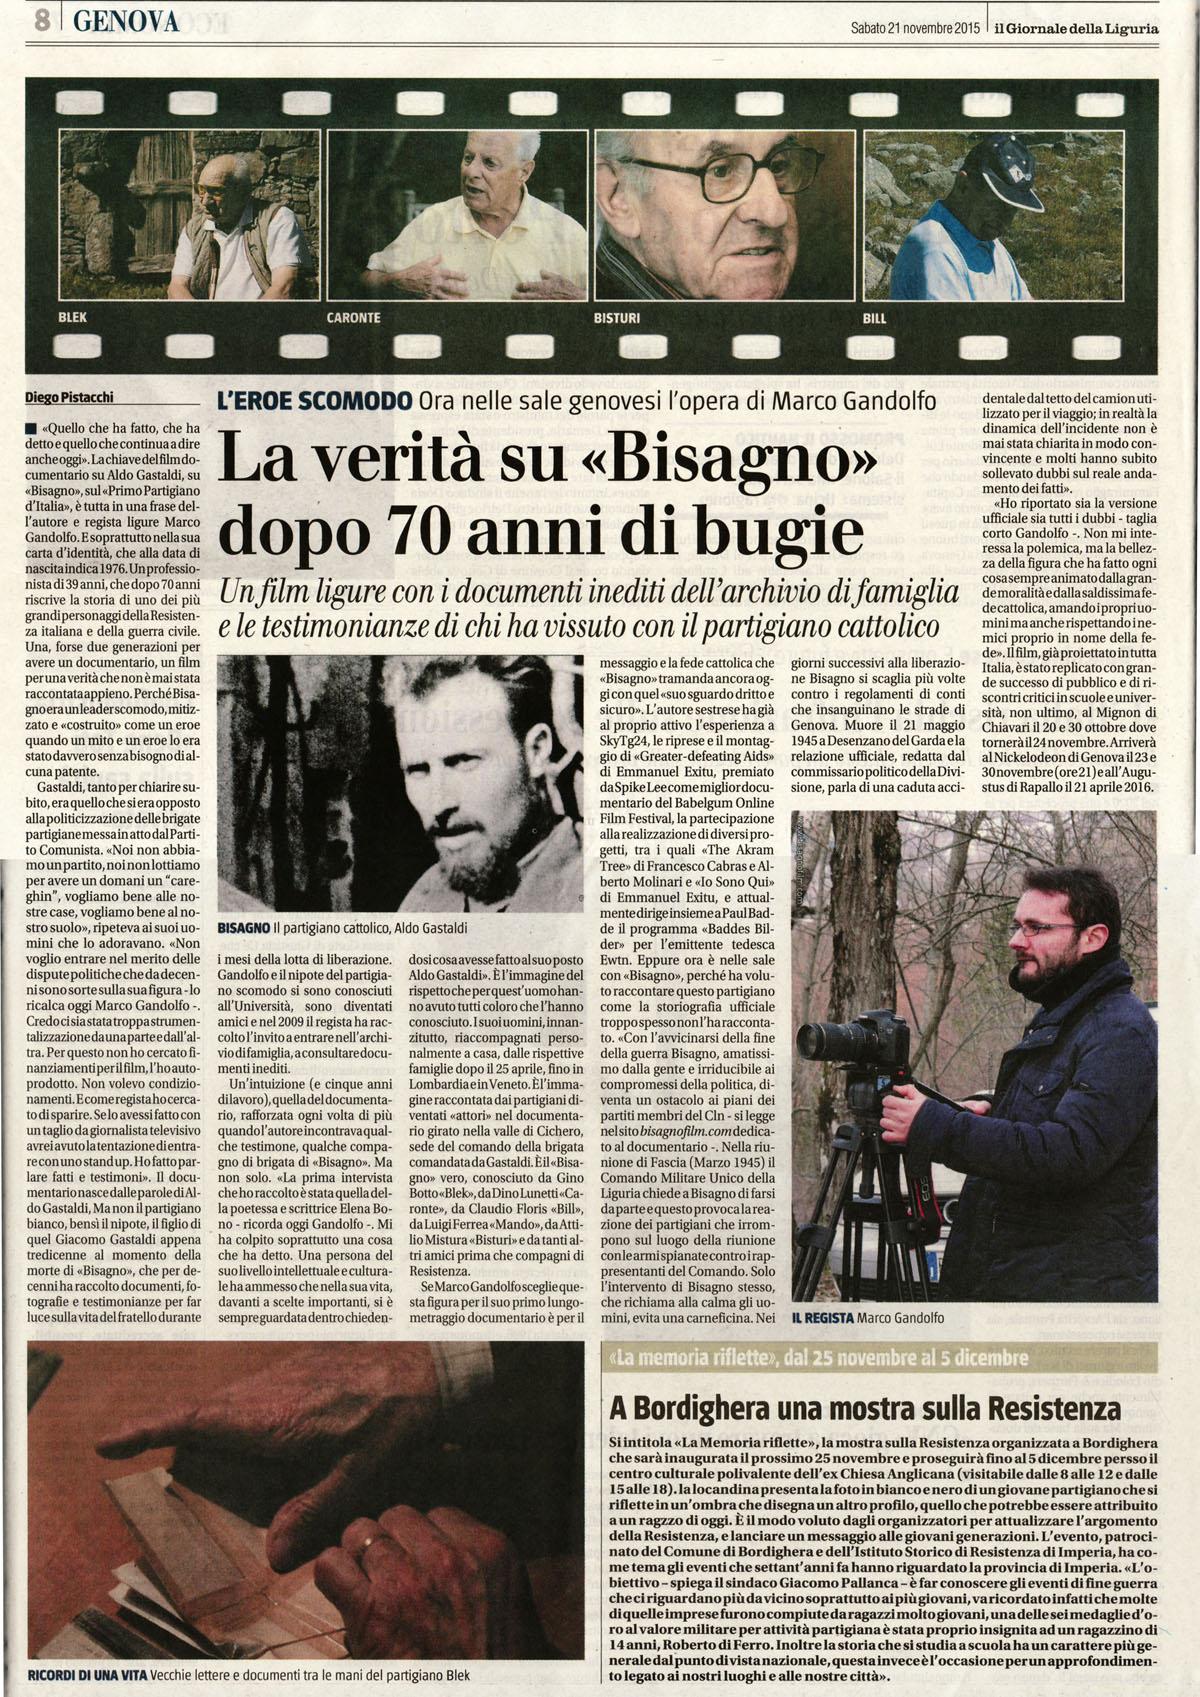 """""""La verità su Bisagno dopo 70 anni di bugie"""" (Diego Pistacchi su """"Il Giornale"""")"""